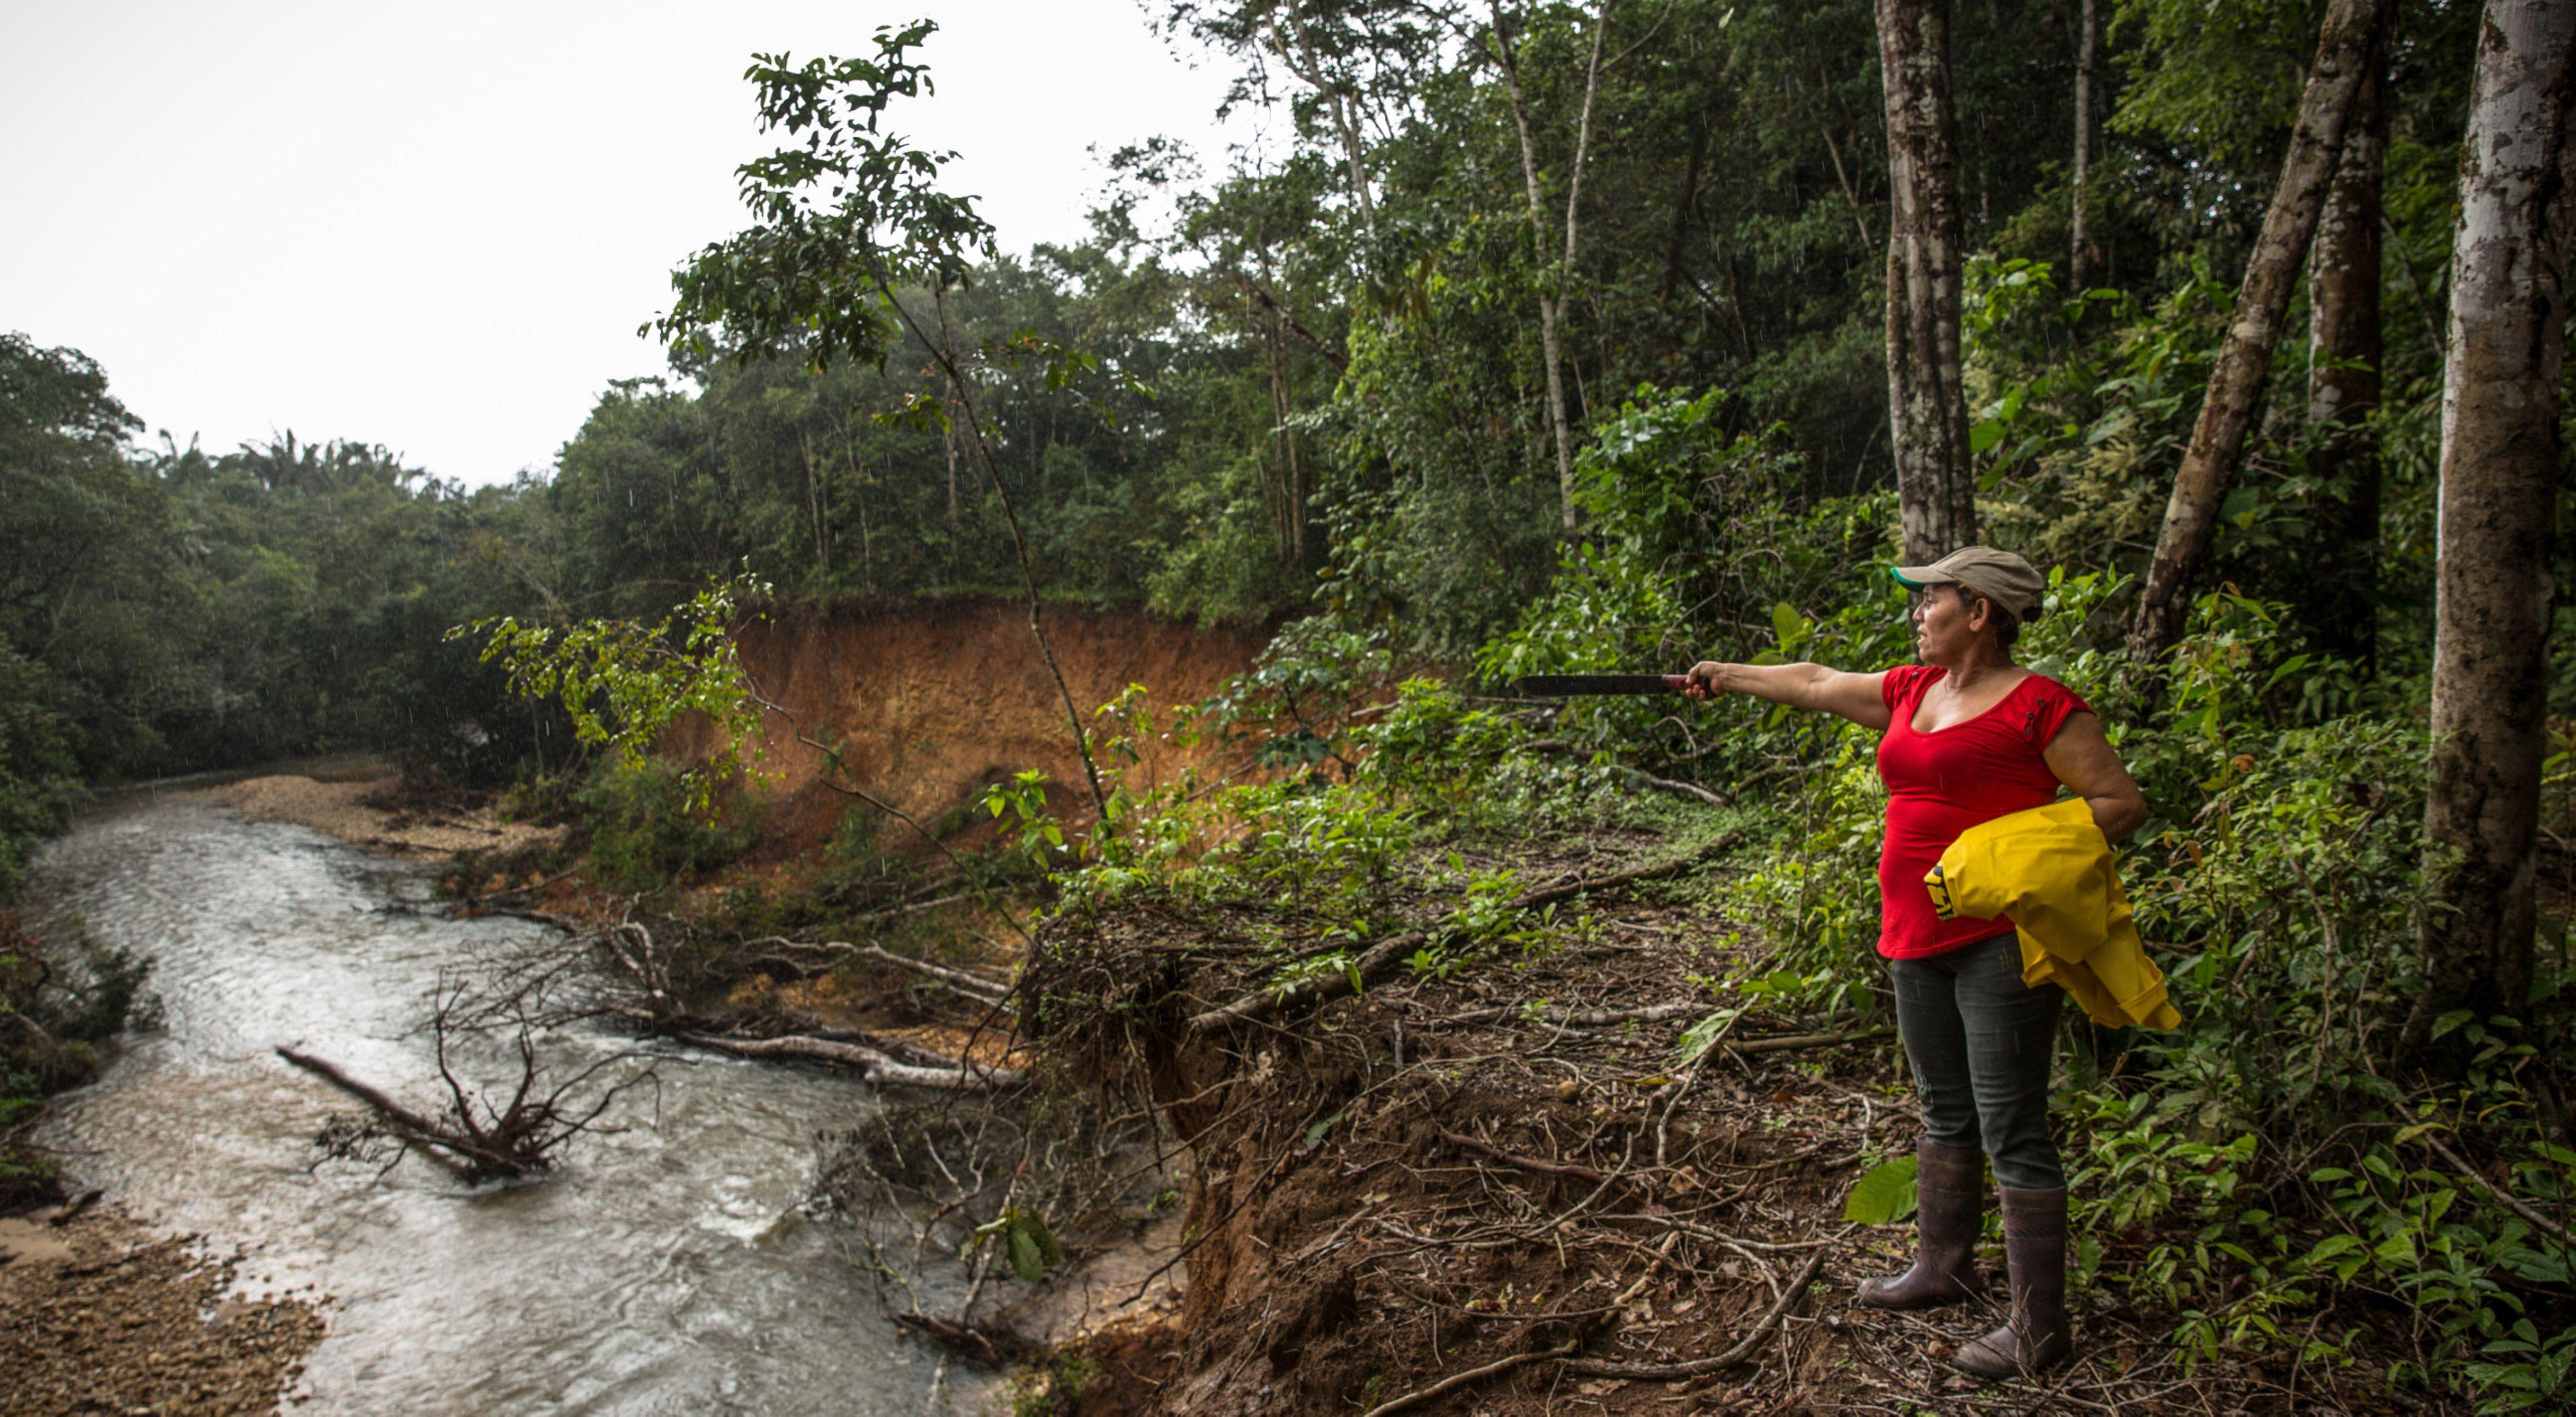 Mercedes ve las conexiones que la unen con su bosque conservado, con sus animales, que le dan de comer, y con su tierra, y espera protegerlo toda la vida.